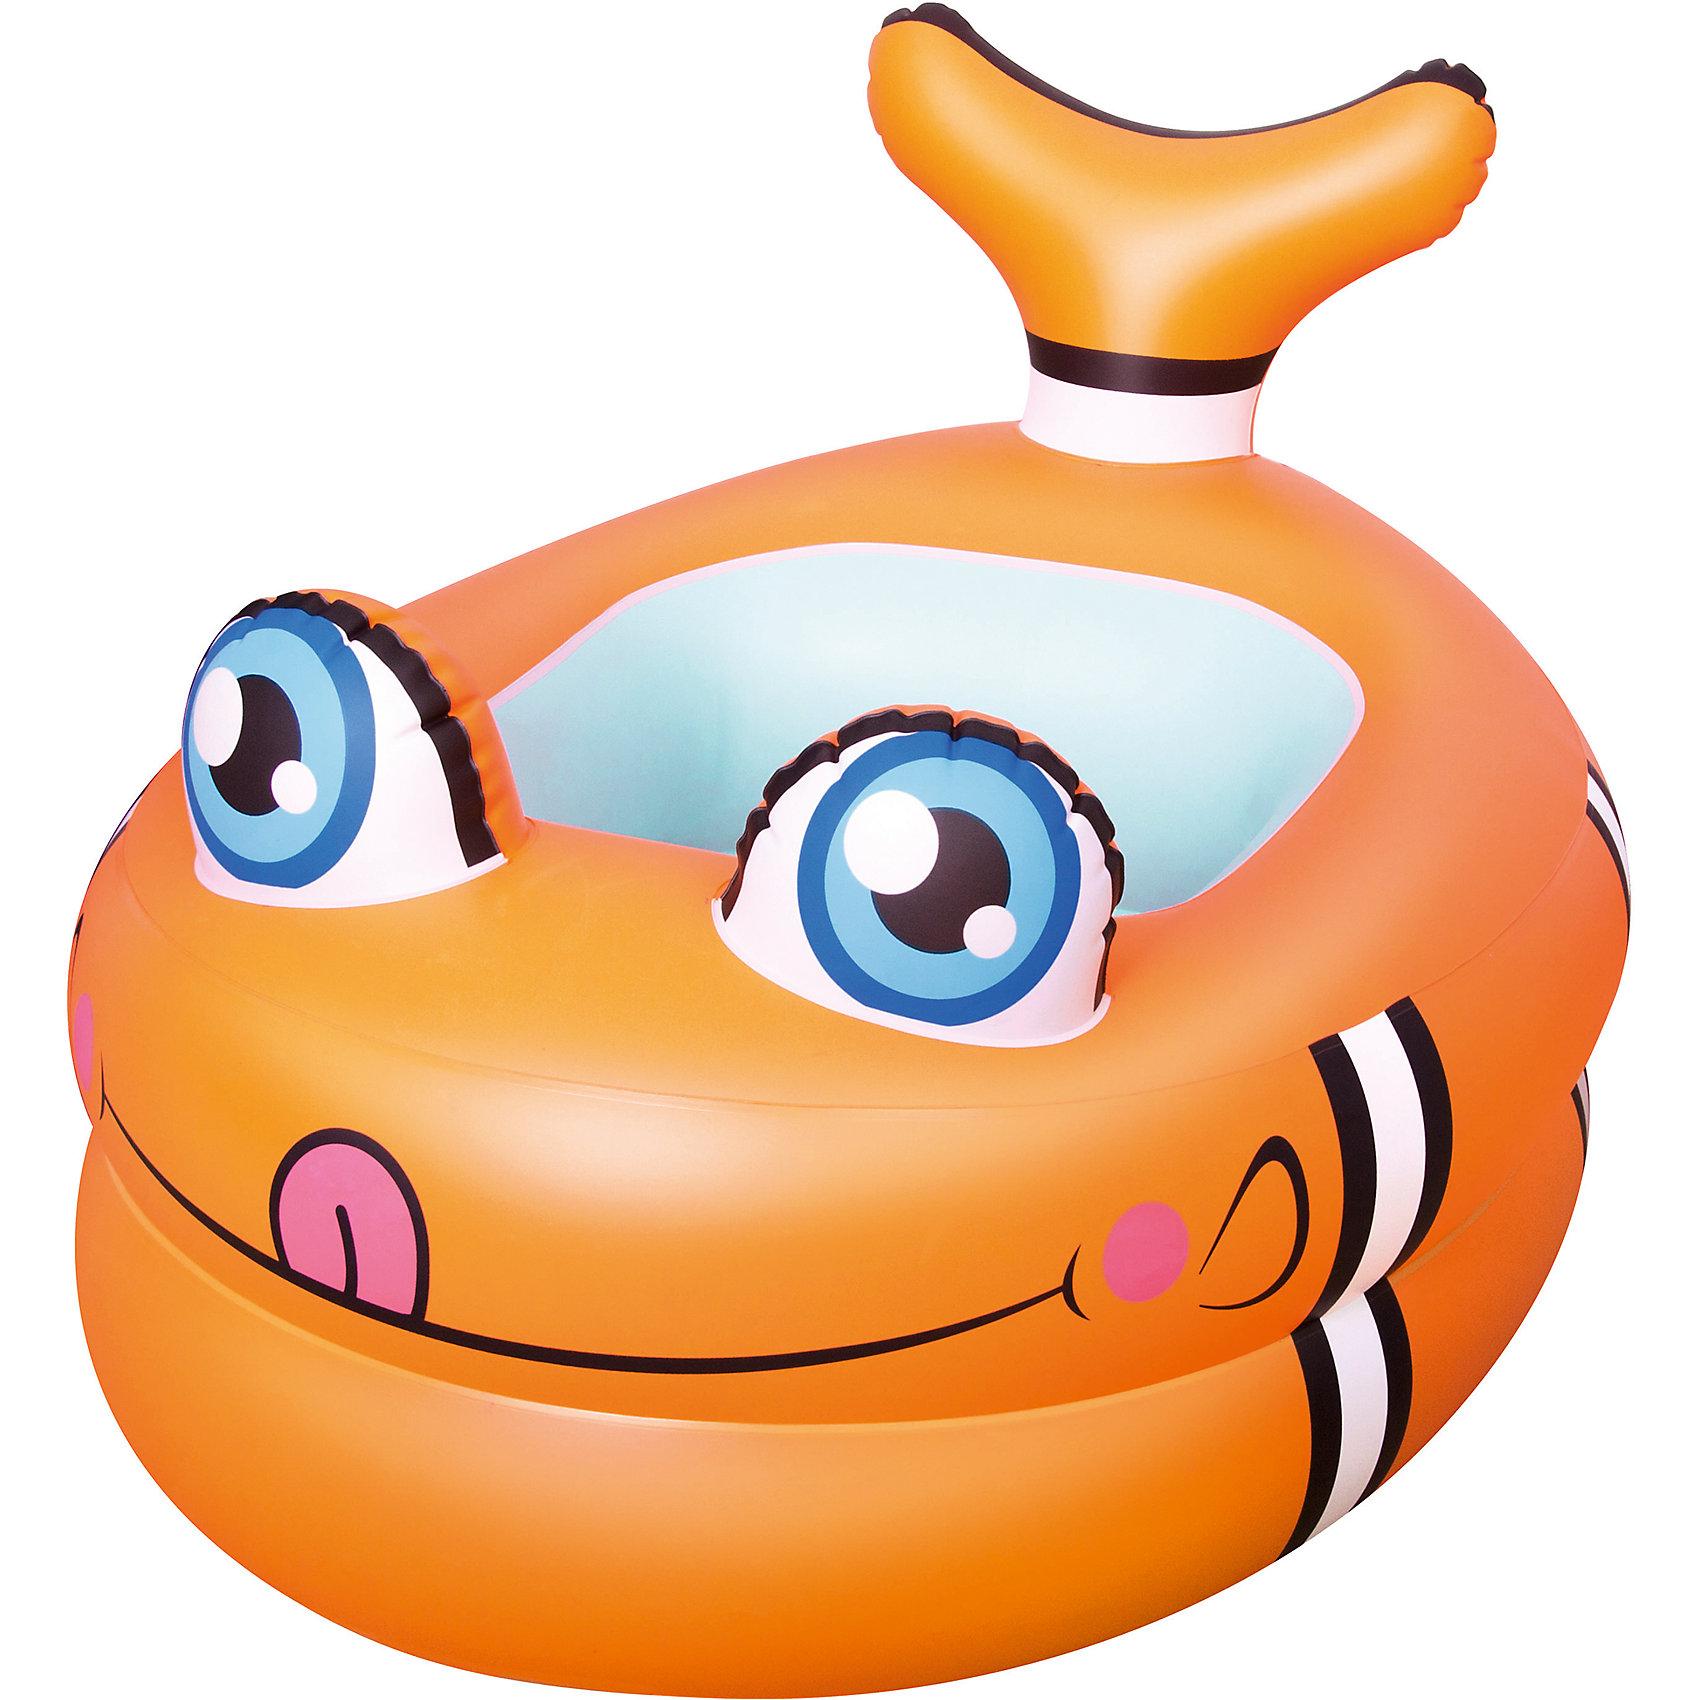 Надувной бассейн в виде Рыбки для младенцев, BestwayБассейны<br>Надувной бассейн в виде Рыбки для младенцев, Bestway (Бествей)<br><br>Характеристики:<br><br>• подходит для купания и игр<br>• яркий дизайн в виде рыбки<br>• высокие бортики<br>• надувное дно<br>• материал: ПВХ<br>• размер: 89х58х61 см<br>• вес: 842 грамма<br><br>Детский надувной бассейн Bestway подойдет для купания и игр крохи. Бассейн выполнен в виде веселой рыбки. Малыш с радостью будет купаться в таком бассейне! Высокие бортики защитят ребенка от падений. Изделие выполнено из прочного поливинилхлорида. Надувное дно имеет высокую устойчивость на поверхности. В случае необходимости вы сможете взять в бассейн в дорогу.<br><br>Надувной бассейн в виде Рыбки для младенцев, Bestway (Бествей) можно купить в нашем интернет-магазине.<br><br>Ширина мм: 480<br>Глубина мм: 420<br>Высота мм: 260<br>Вес г: 842<br>Возраст от месяцев: 0<br>Возраст до месяцев: 12<br>Пол: Унисекс<br>Возраст: Детский<br>SKU: 5487023